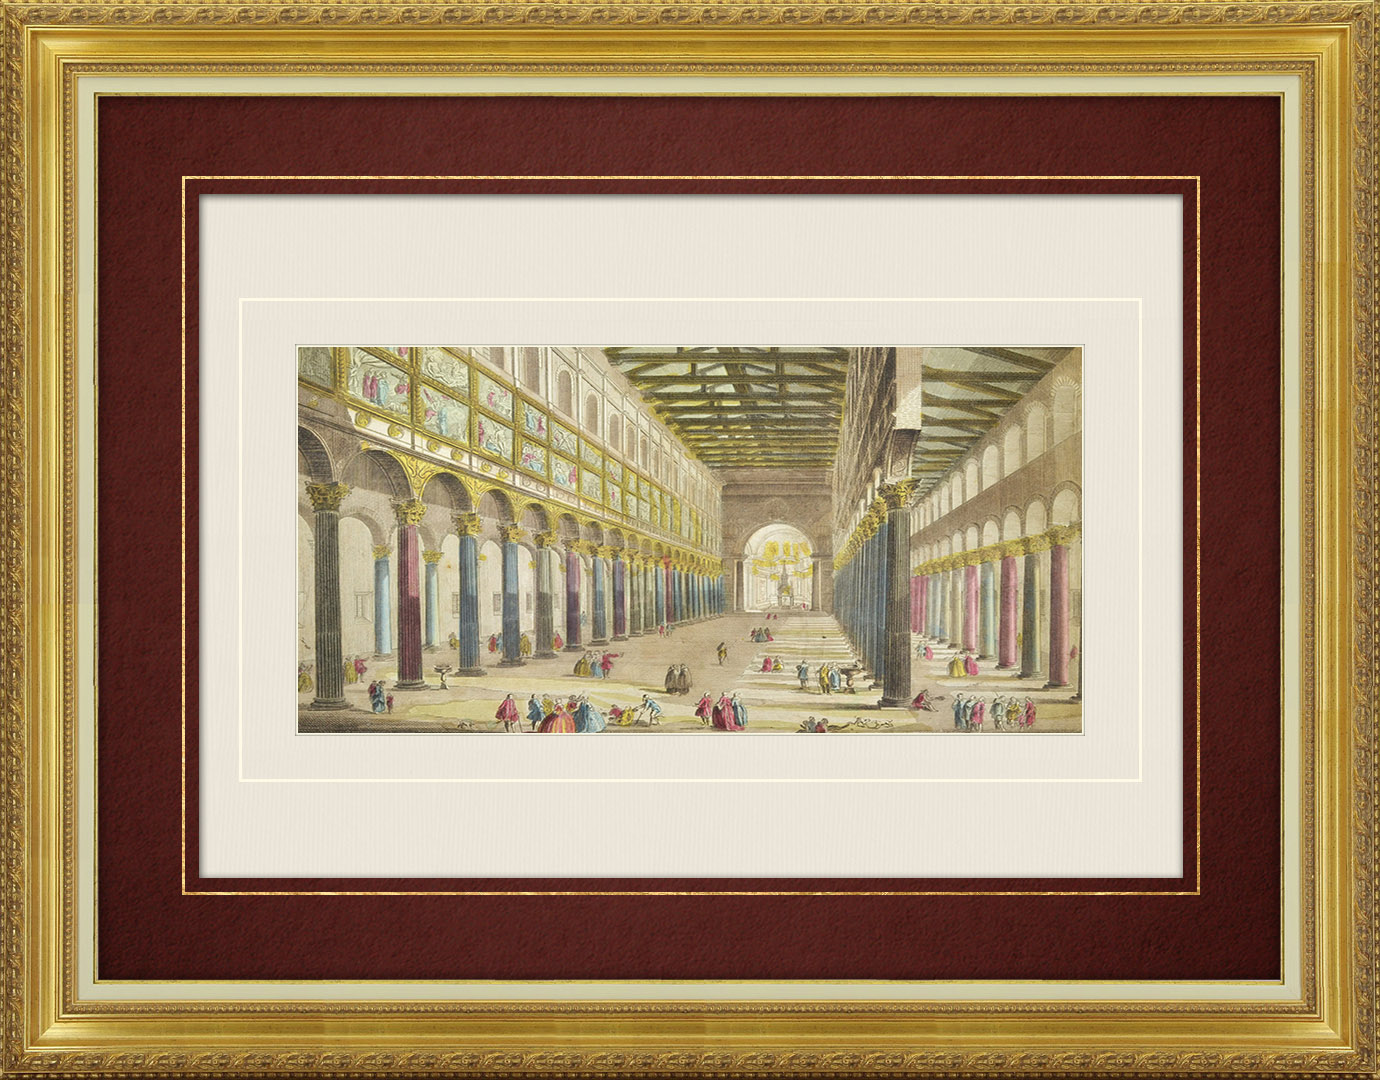 Vue d'optique du 18e siècle en coloris d'époque de l'Intérieur de la Basilique Saint-Paul à Rome (Italie)